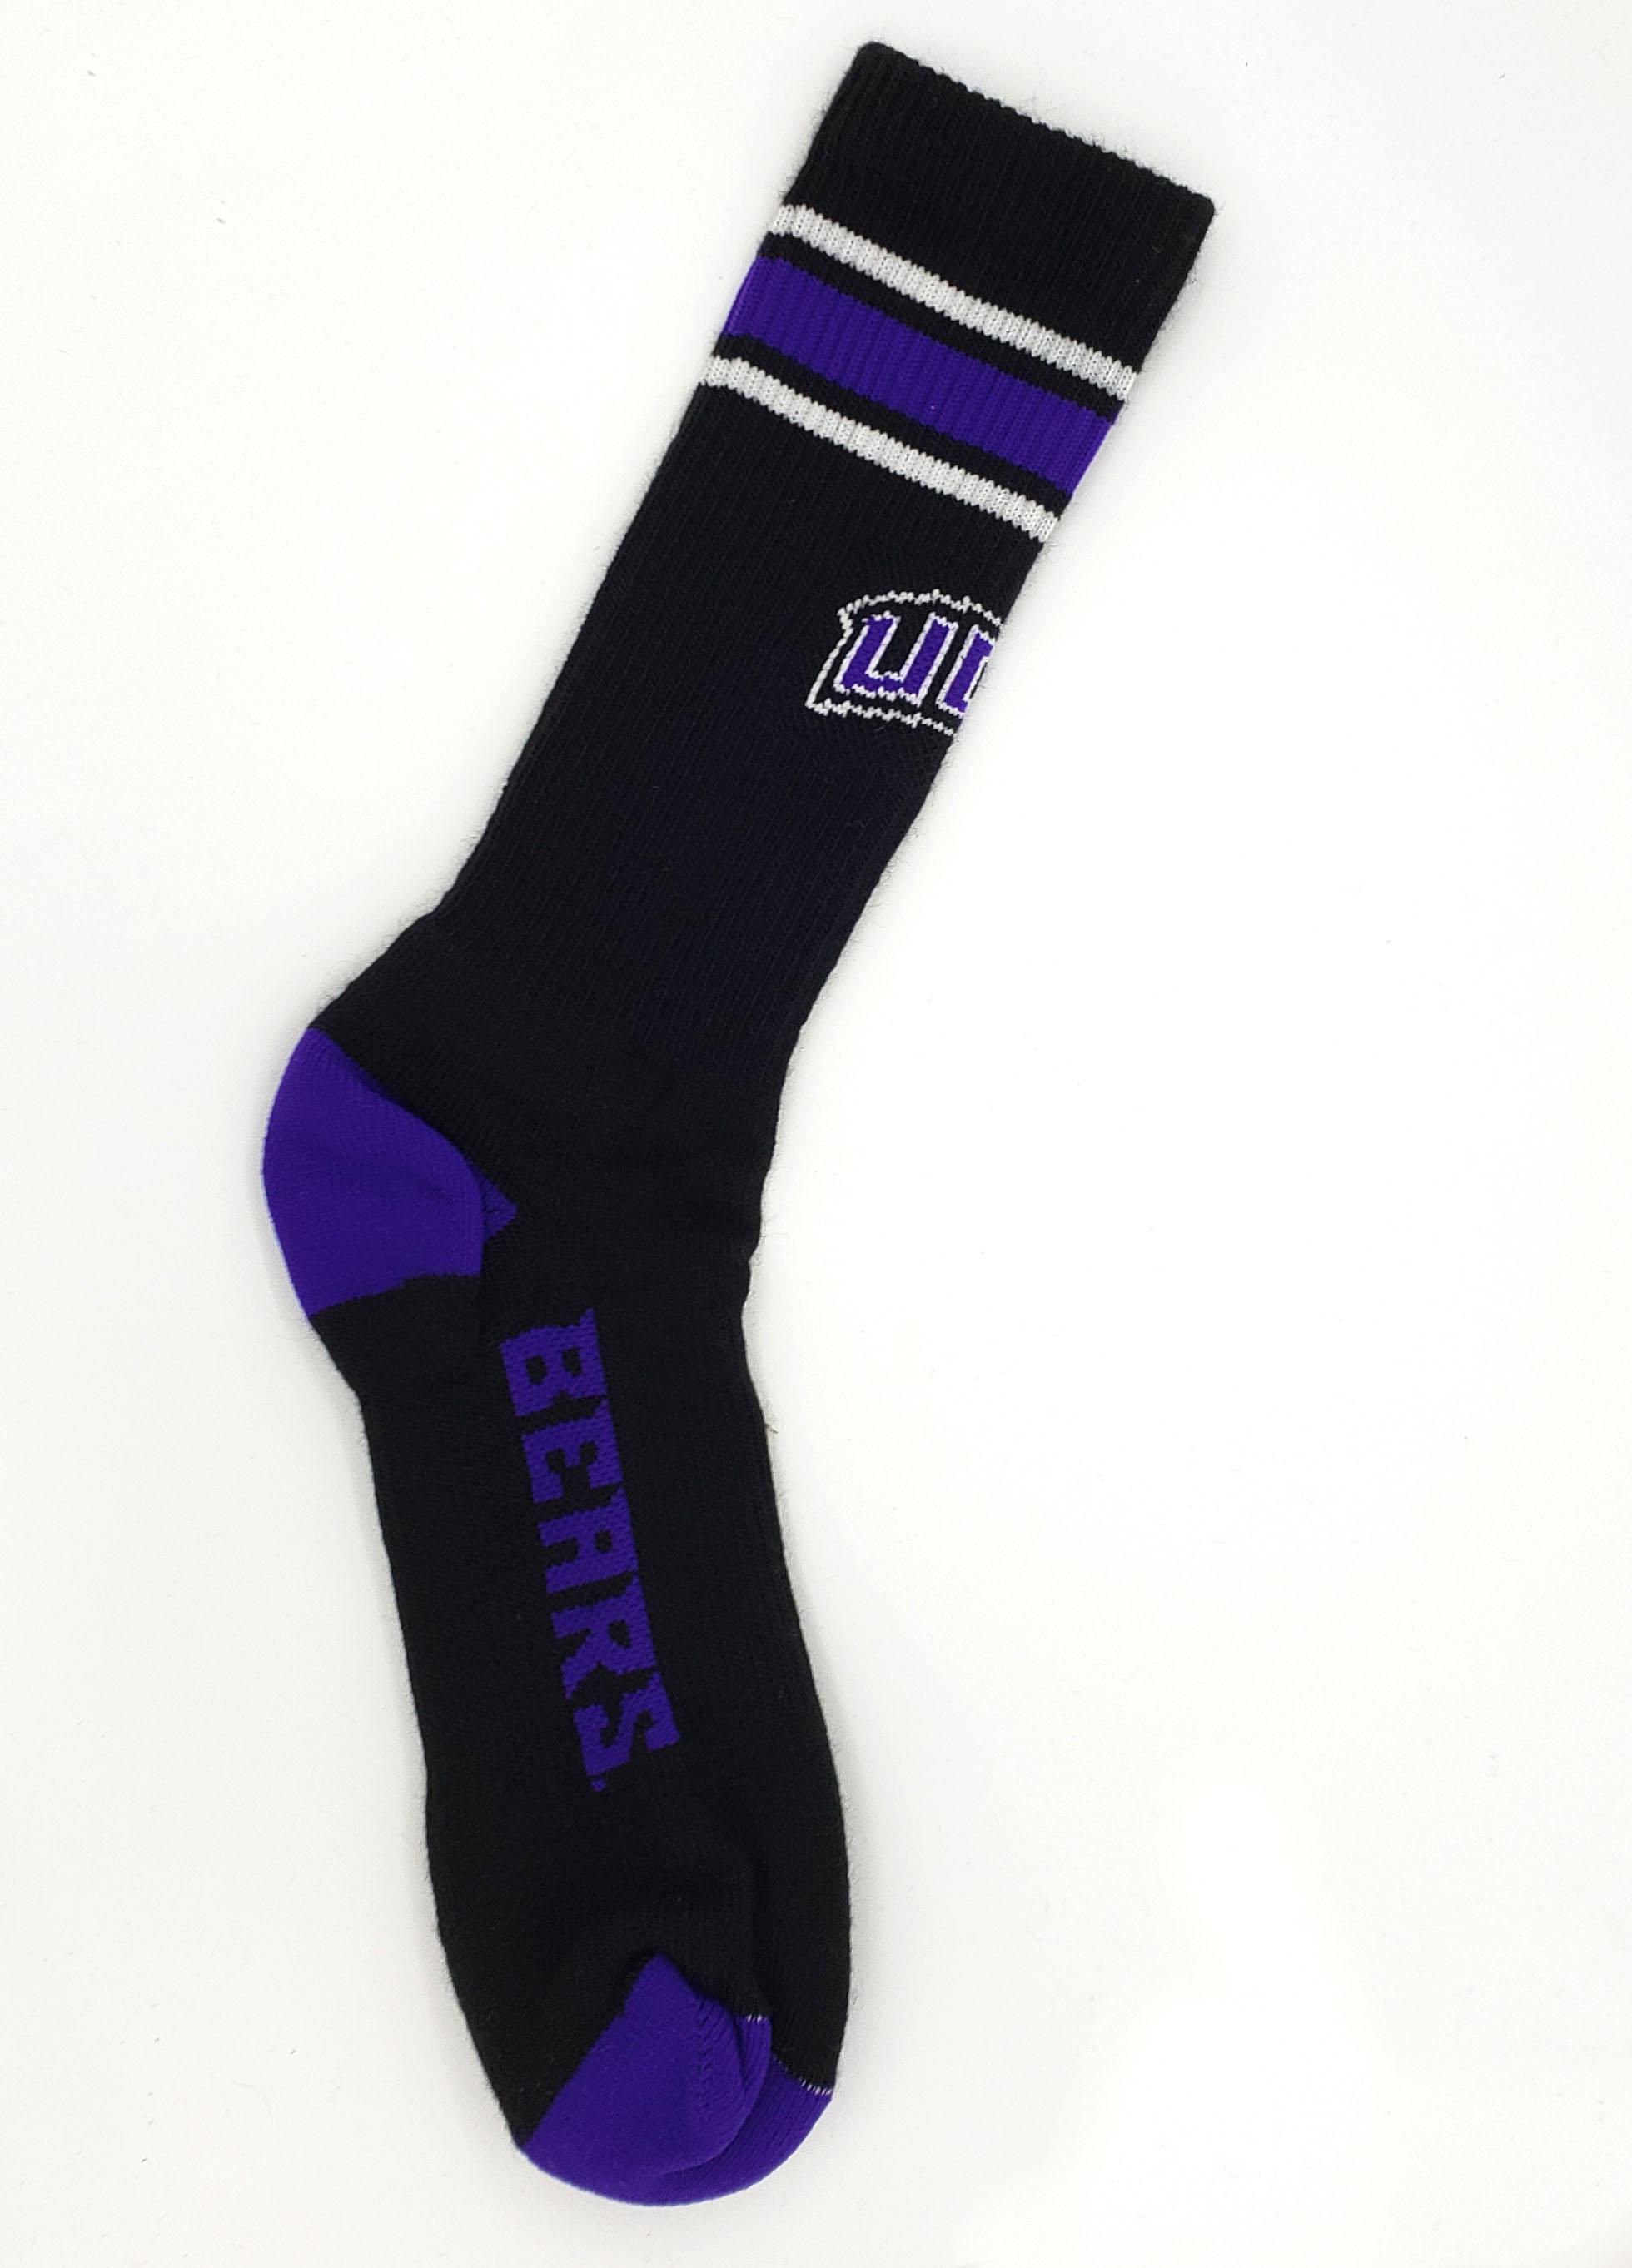 UCA Crew Socks